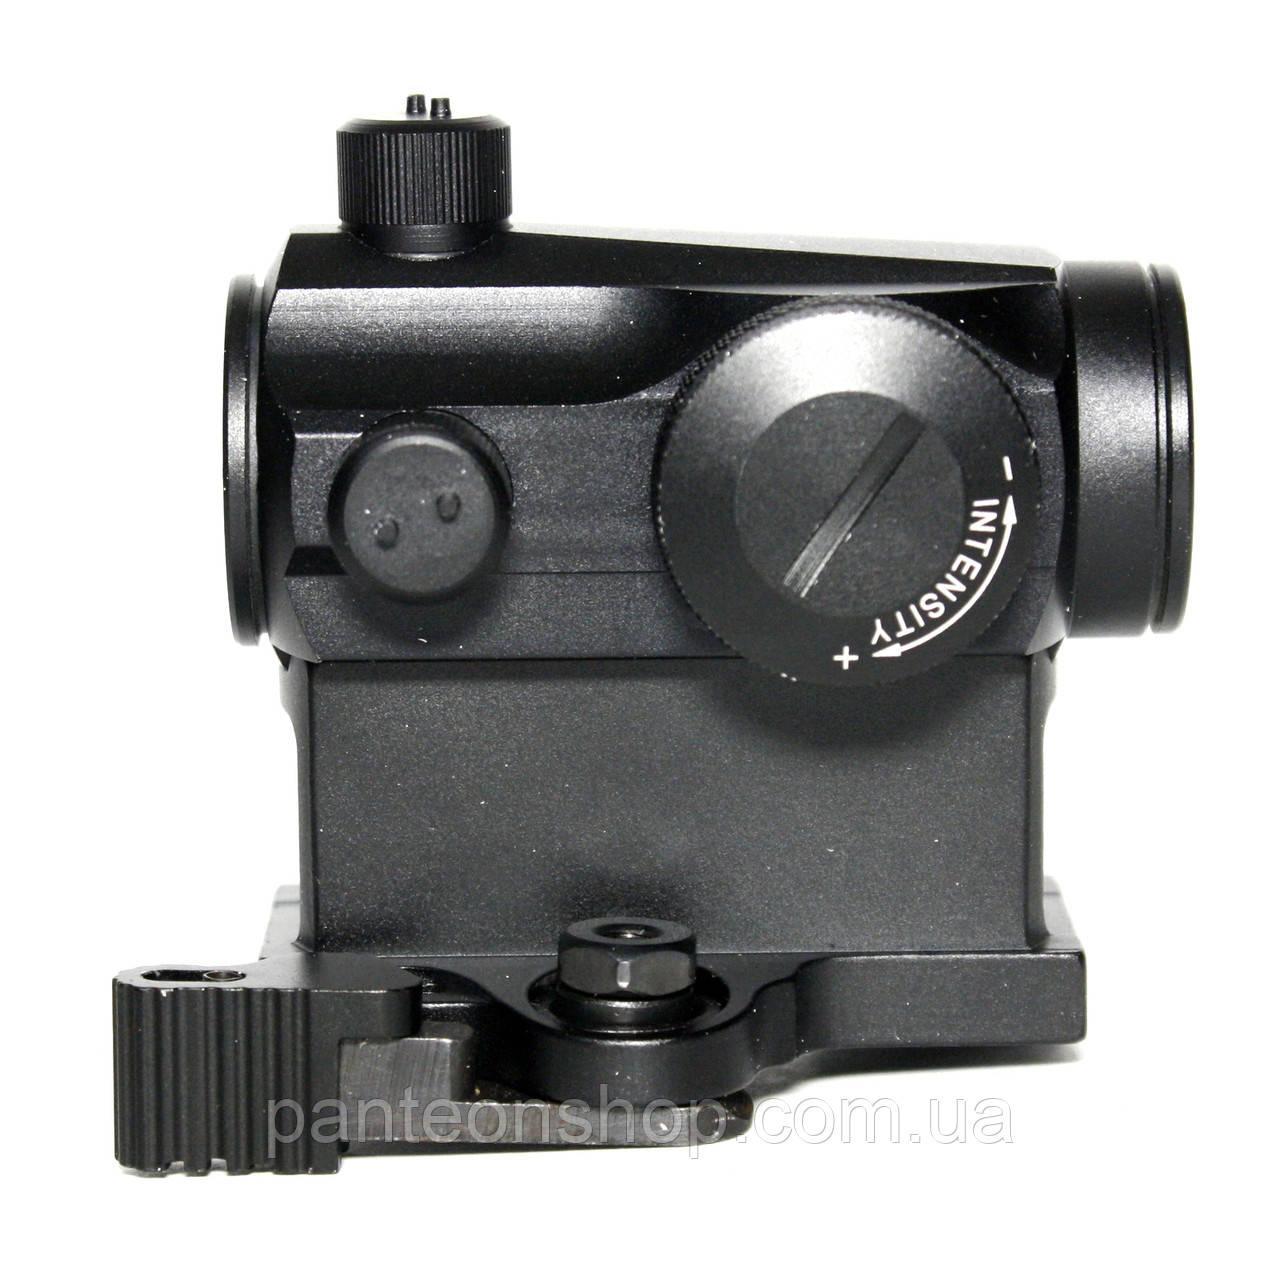 Страйкбольний Коліматор T1 Type швидкозйомний v2